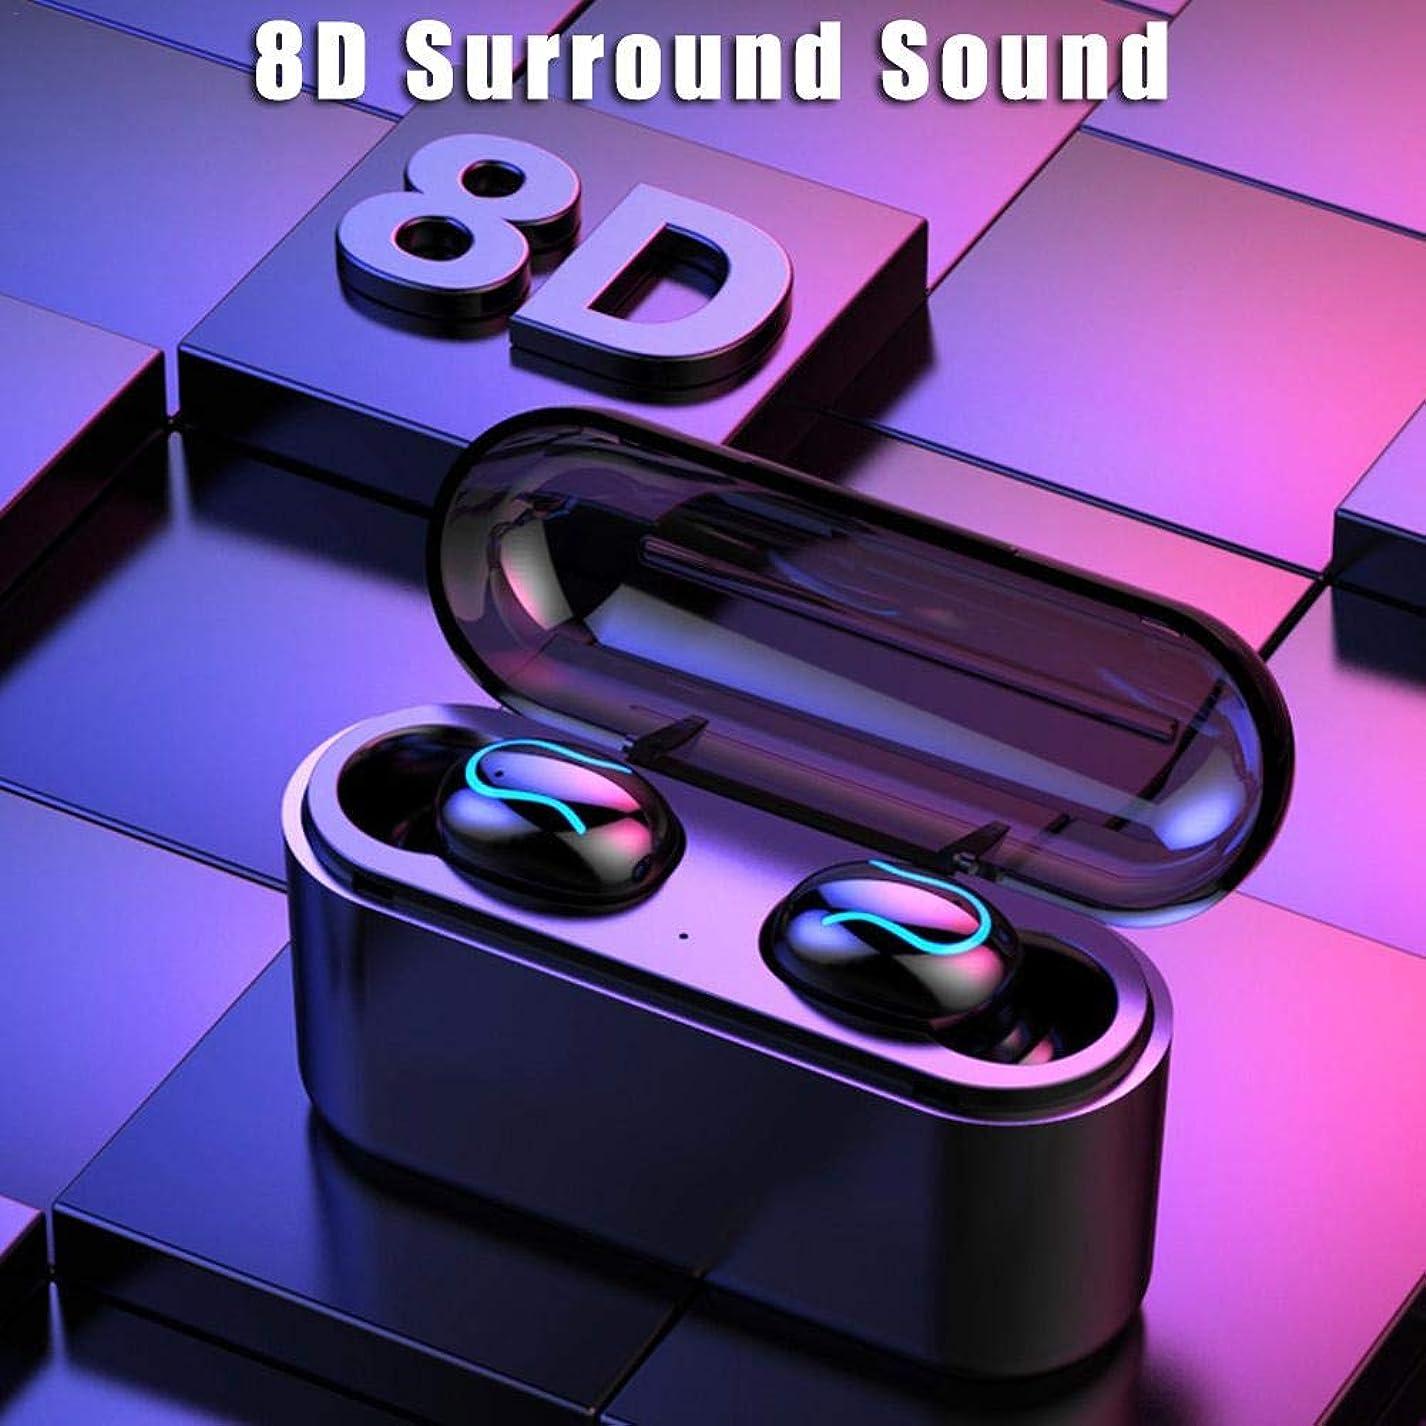 バーガー特権的既婚TWS Q32SマイクロBluetoothワイヤレスイヤホン 5.0バイノーラル - スポーツインイヤーミニヘッドセット IPX7防水 自動ペアリング ノイズキャンセリング搭載 マイク内蔵 ハンズフリー通話 両耳左右分離型